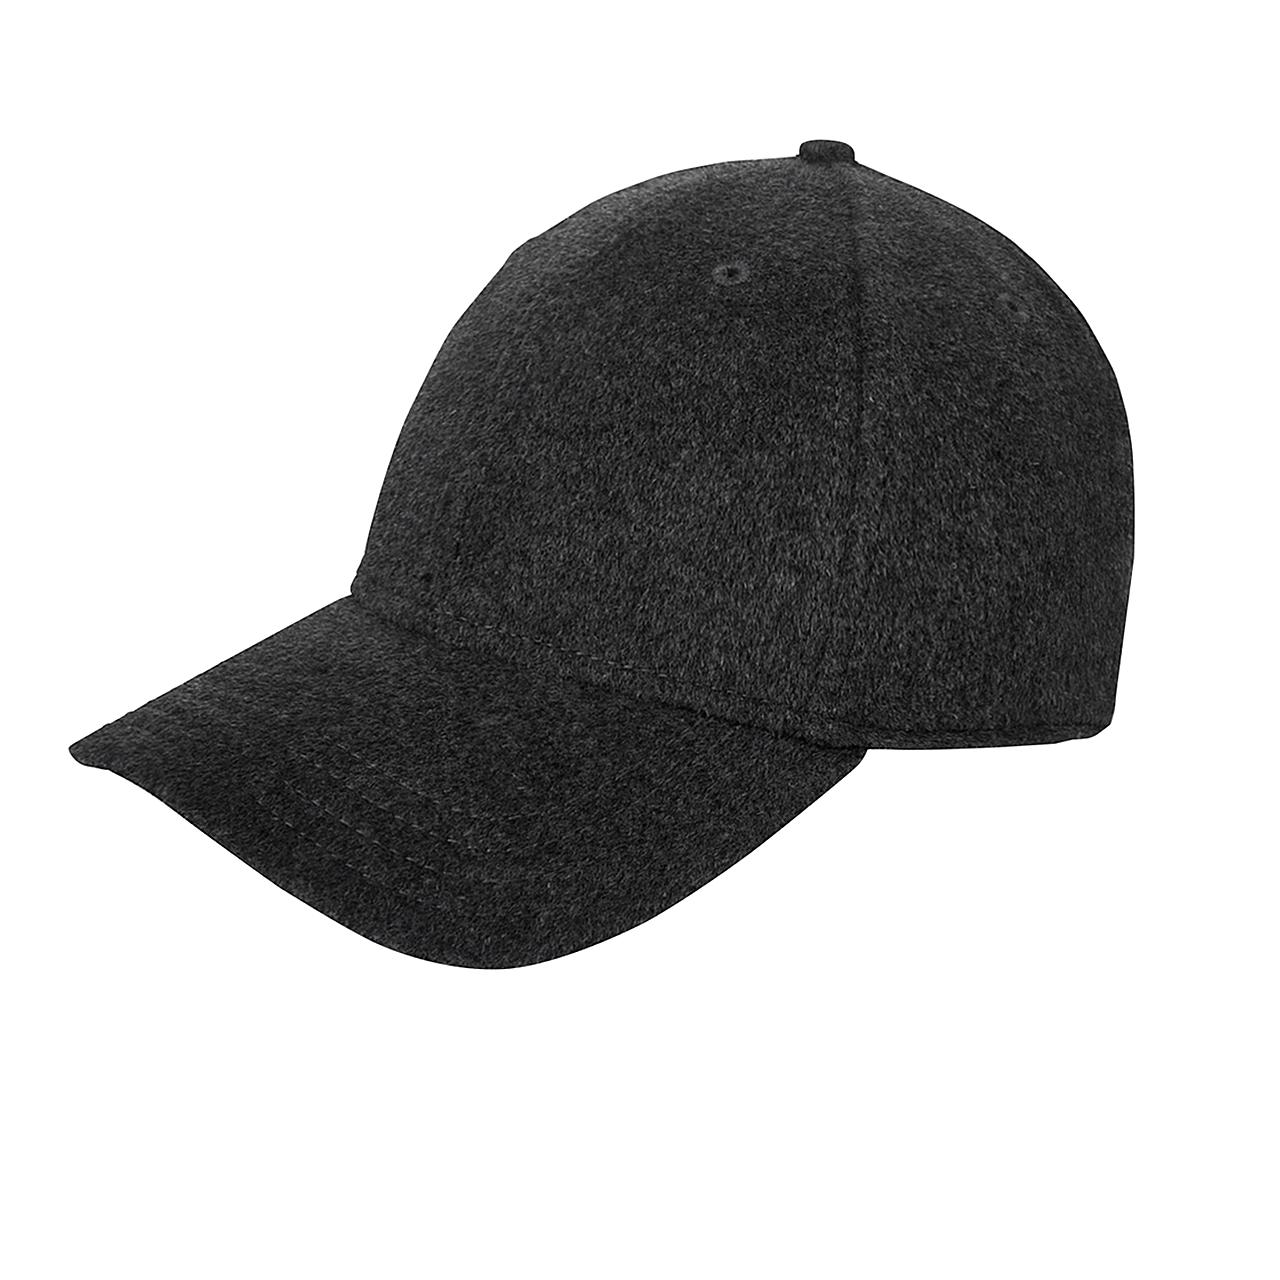 Gents - Cashmere Baseball Cap - Grey 31128c03d10